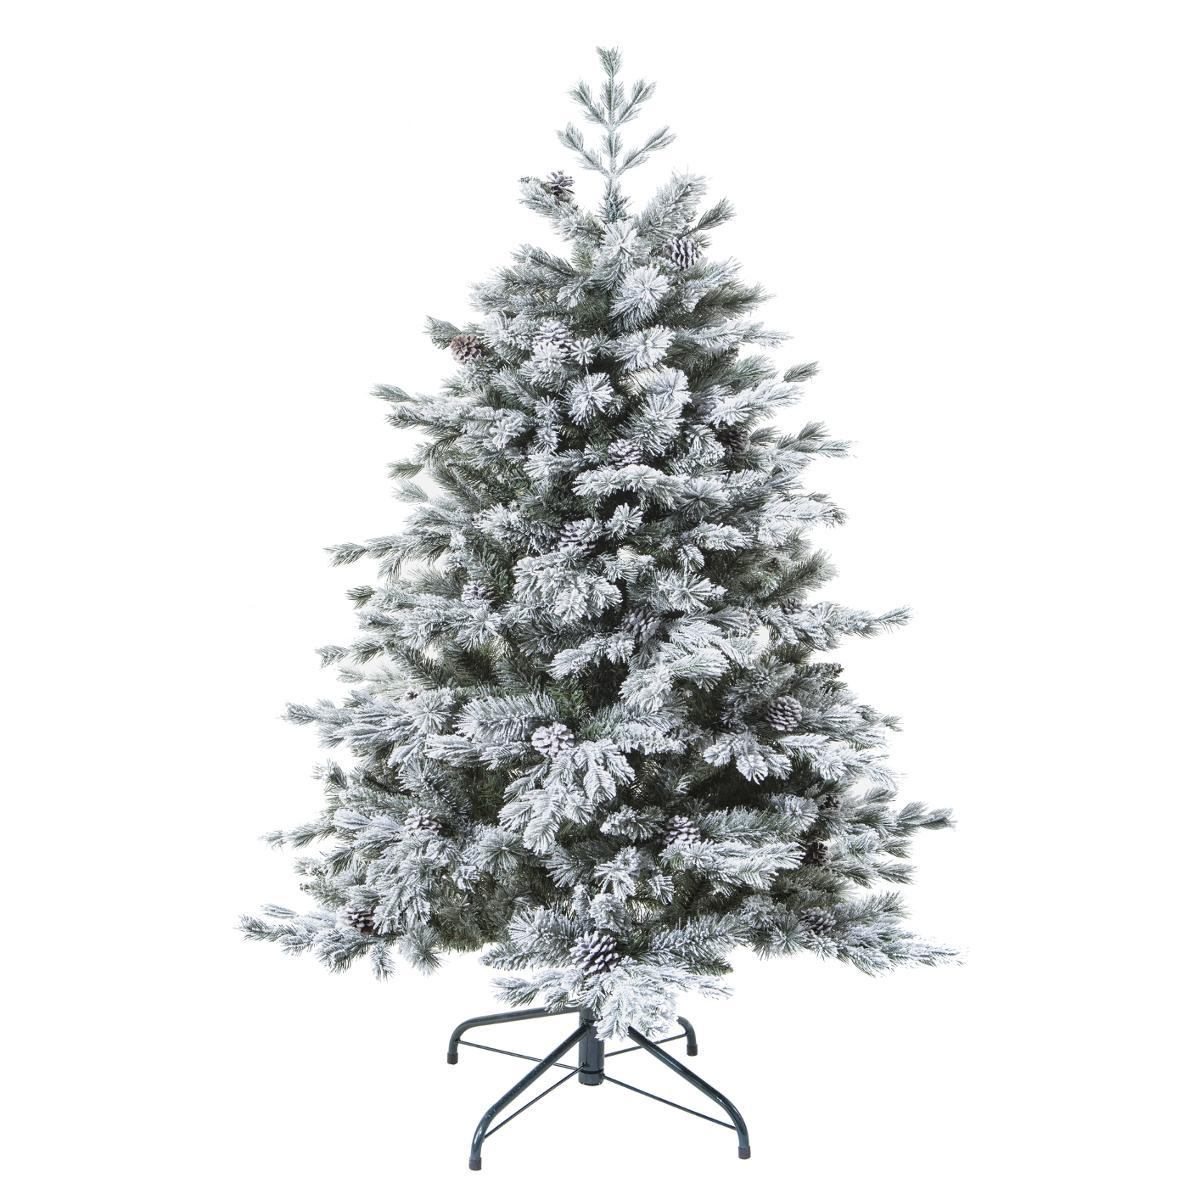 Feeric Christmas Sapin artificiel Yukon 150 cm - Feeric Christmas